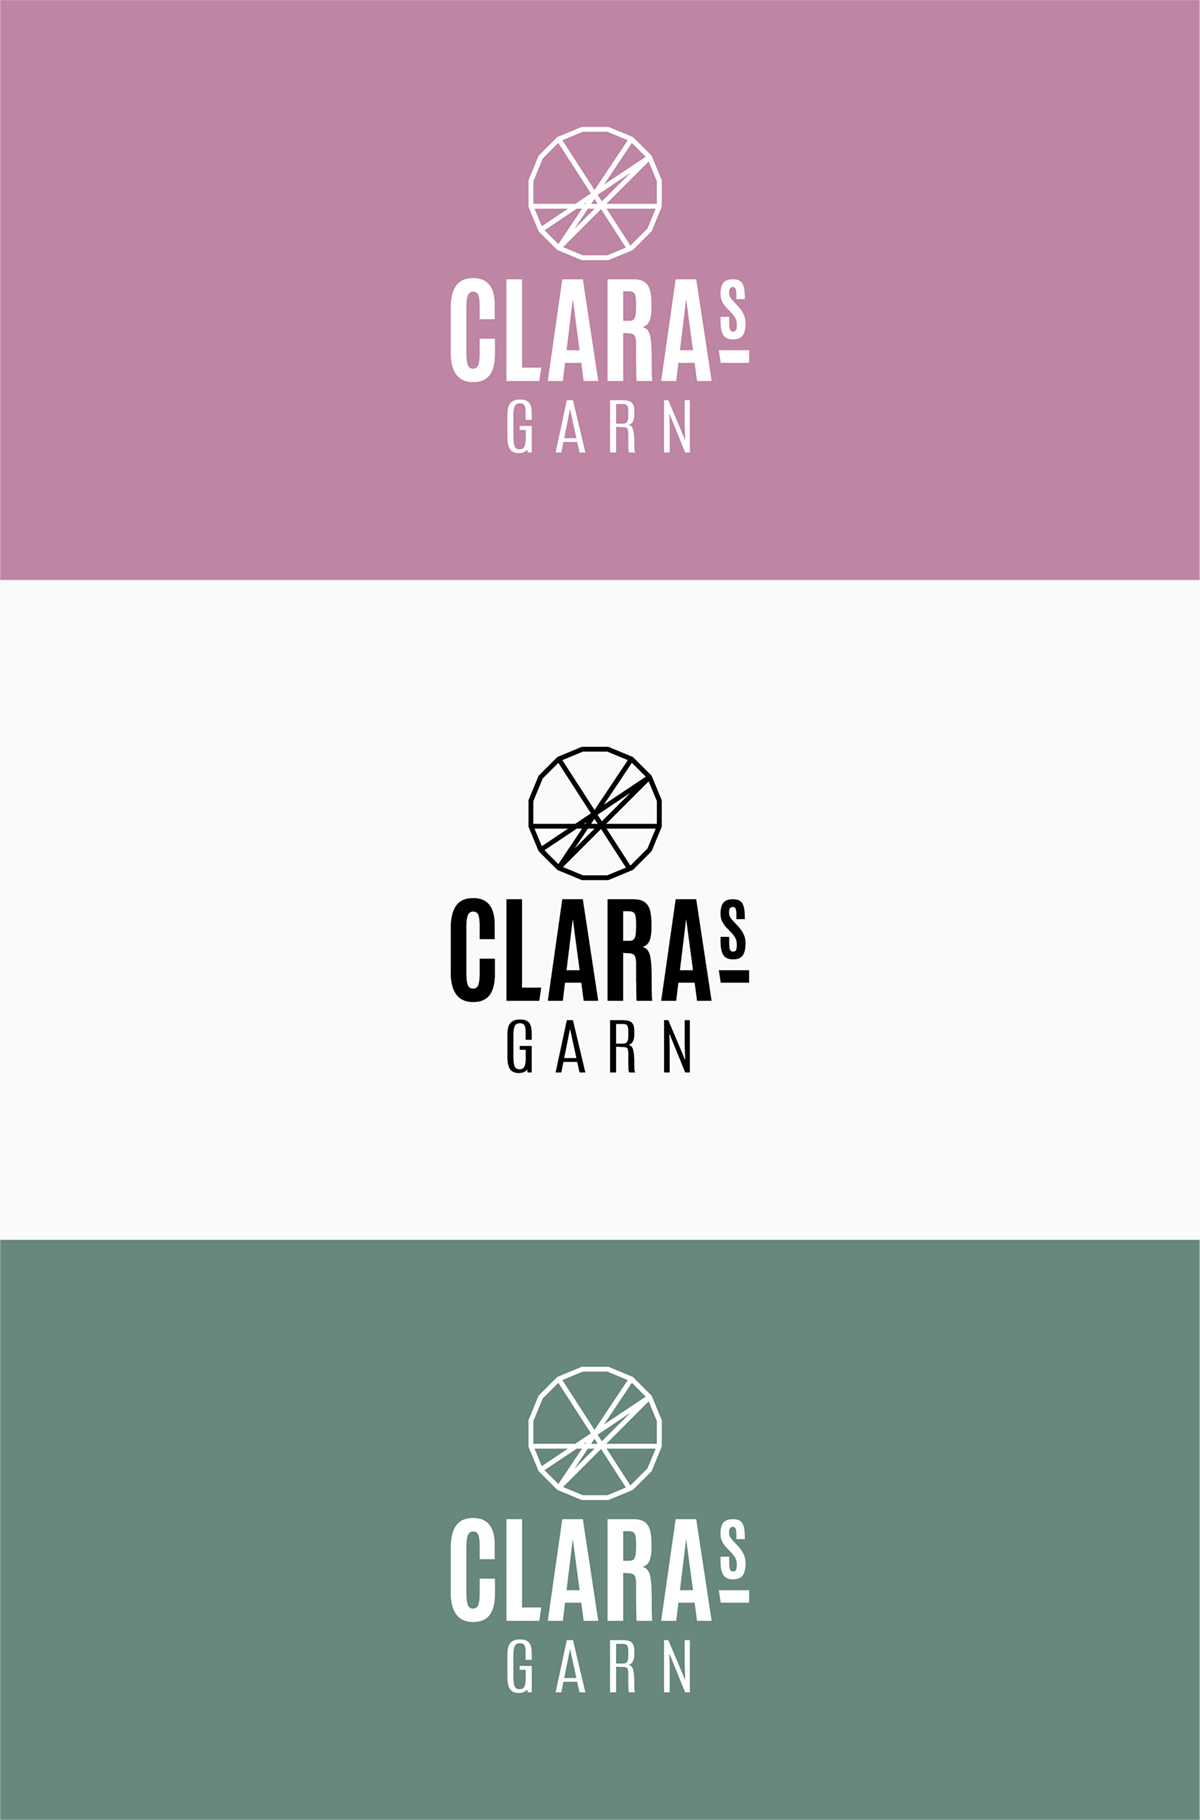 Claras garn logo